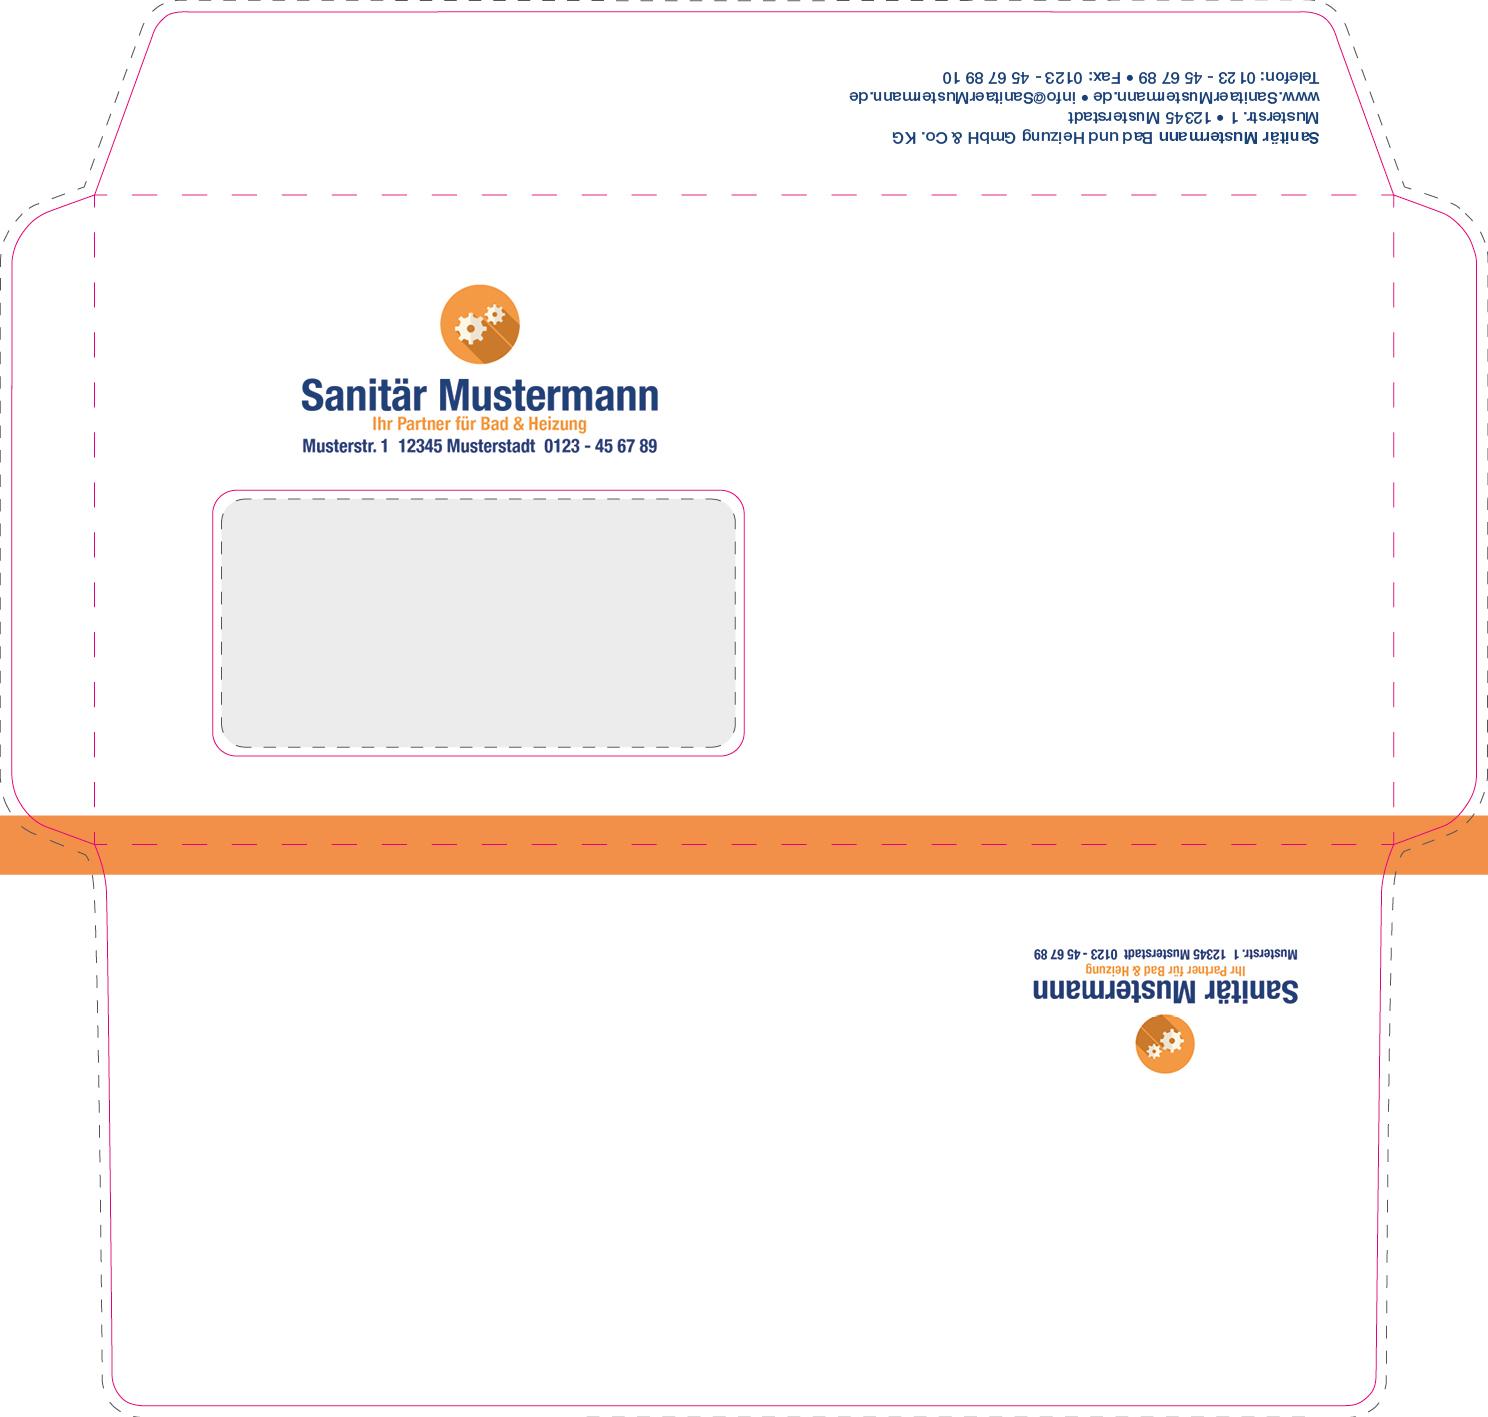 Beidseitig bedruckte briefumschläge mit logo shk direkt onlineshop